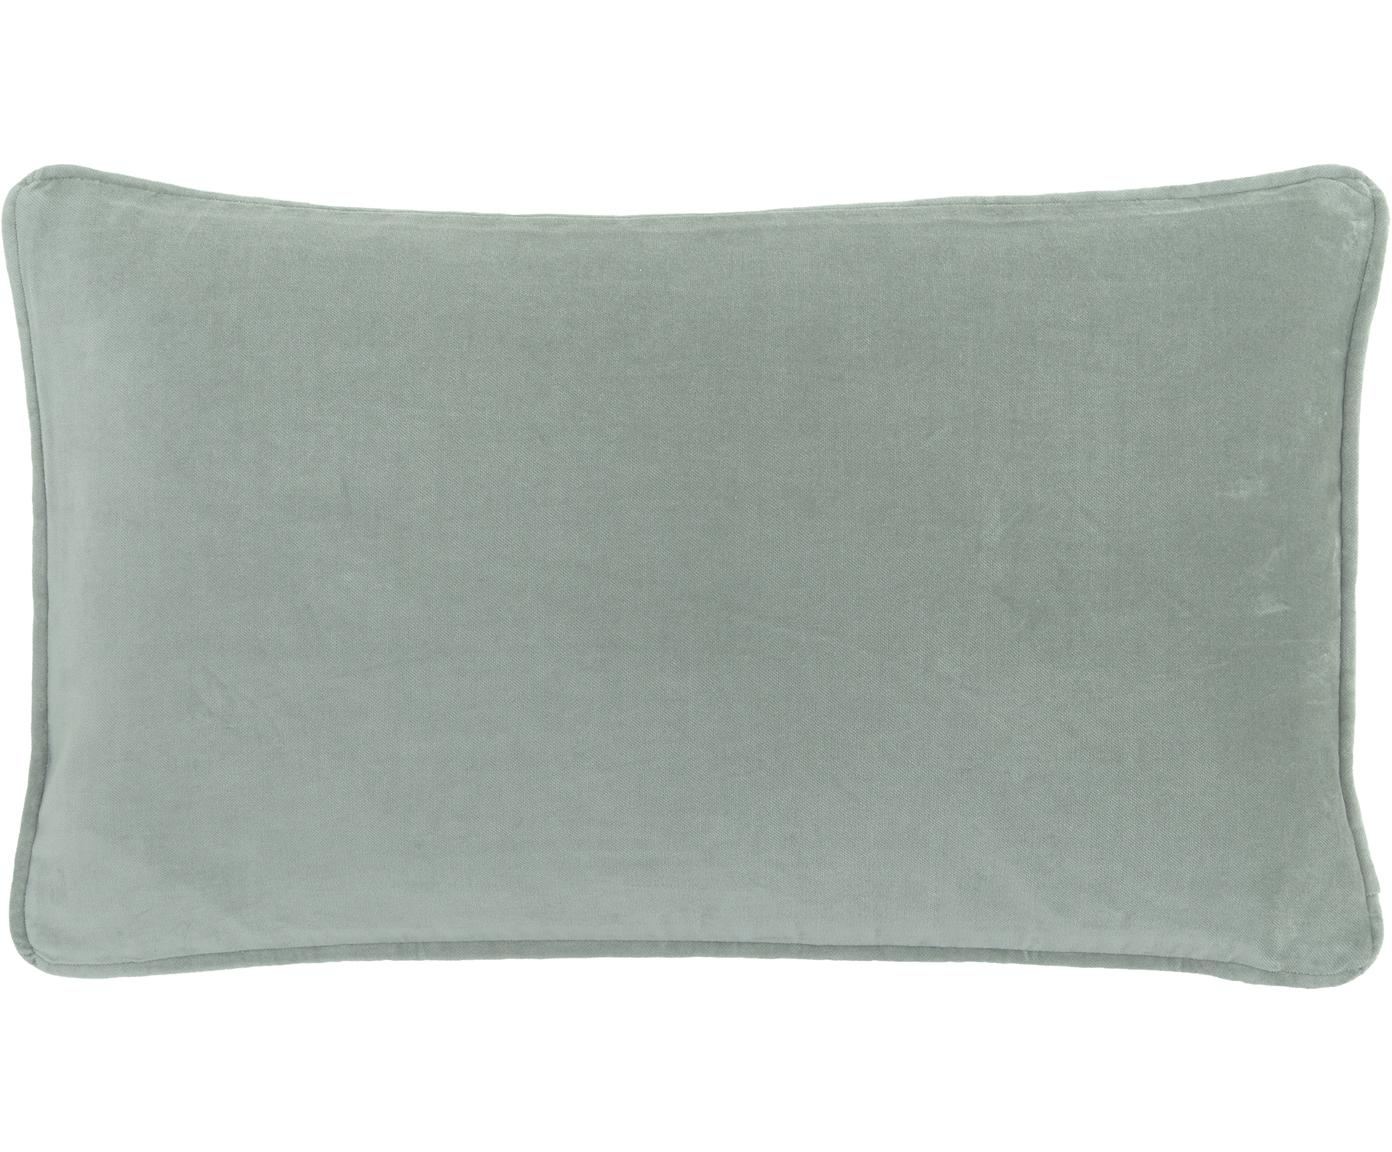 Effen fluwelen kussenhoes Dana in saliegroen, Katoenfluweel, Saliegroen, 30 x 50 cm